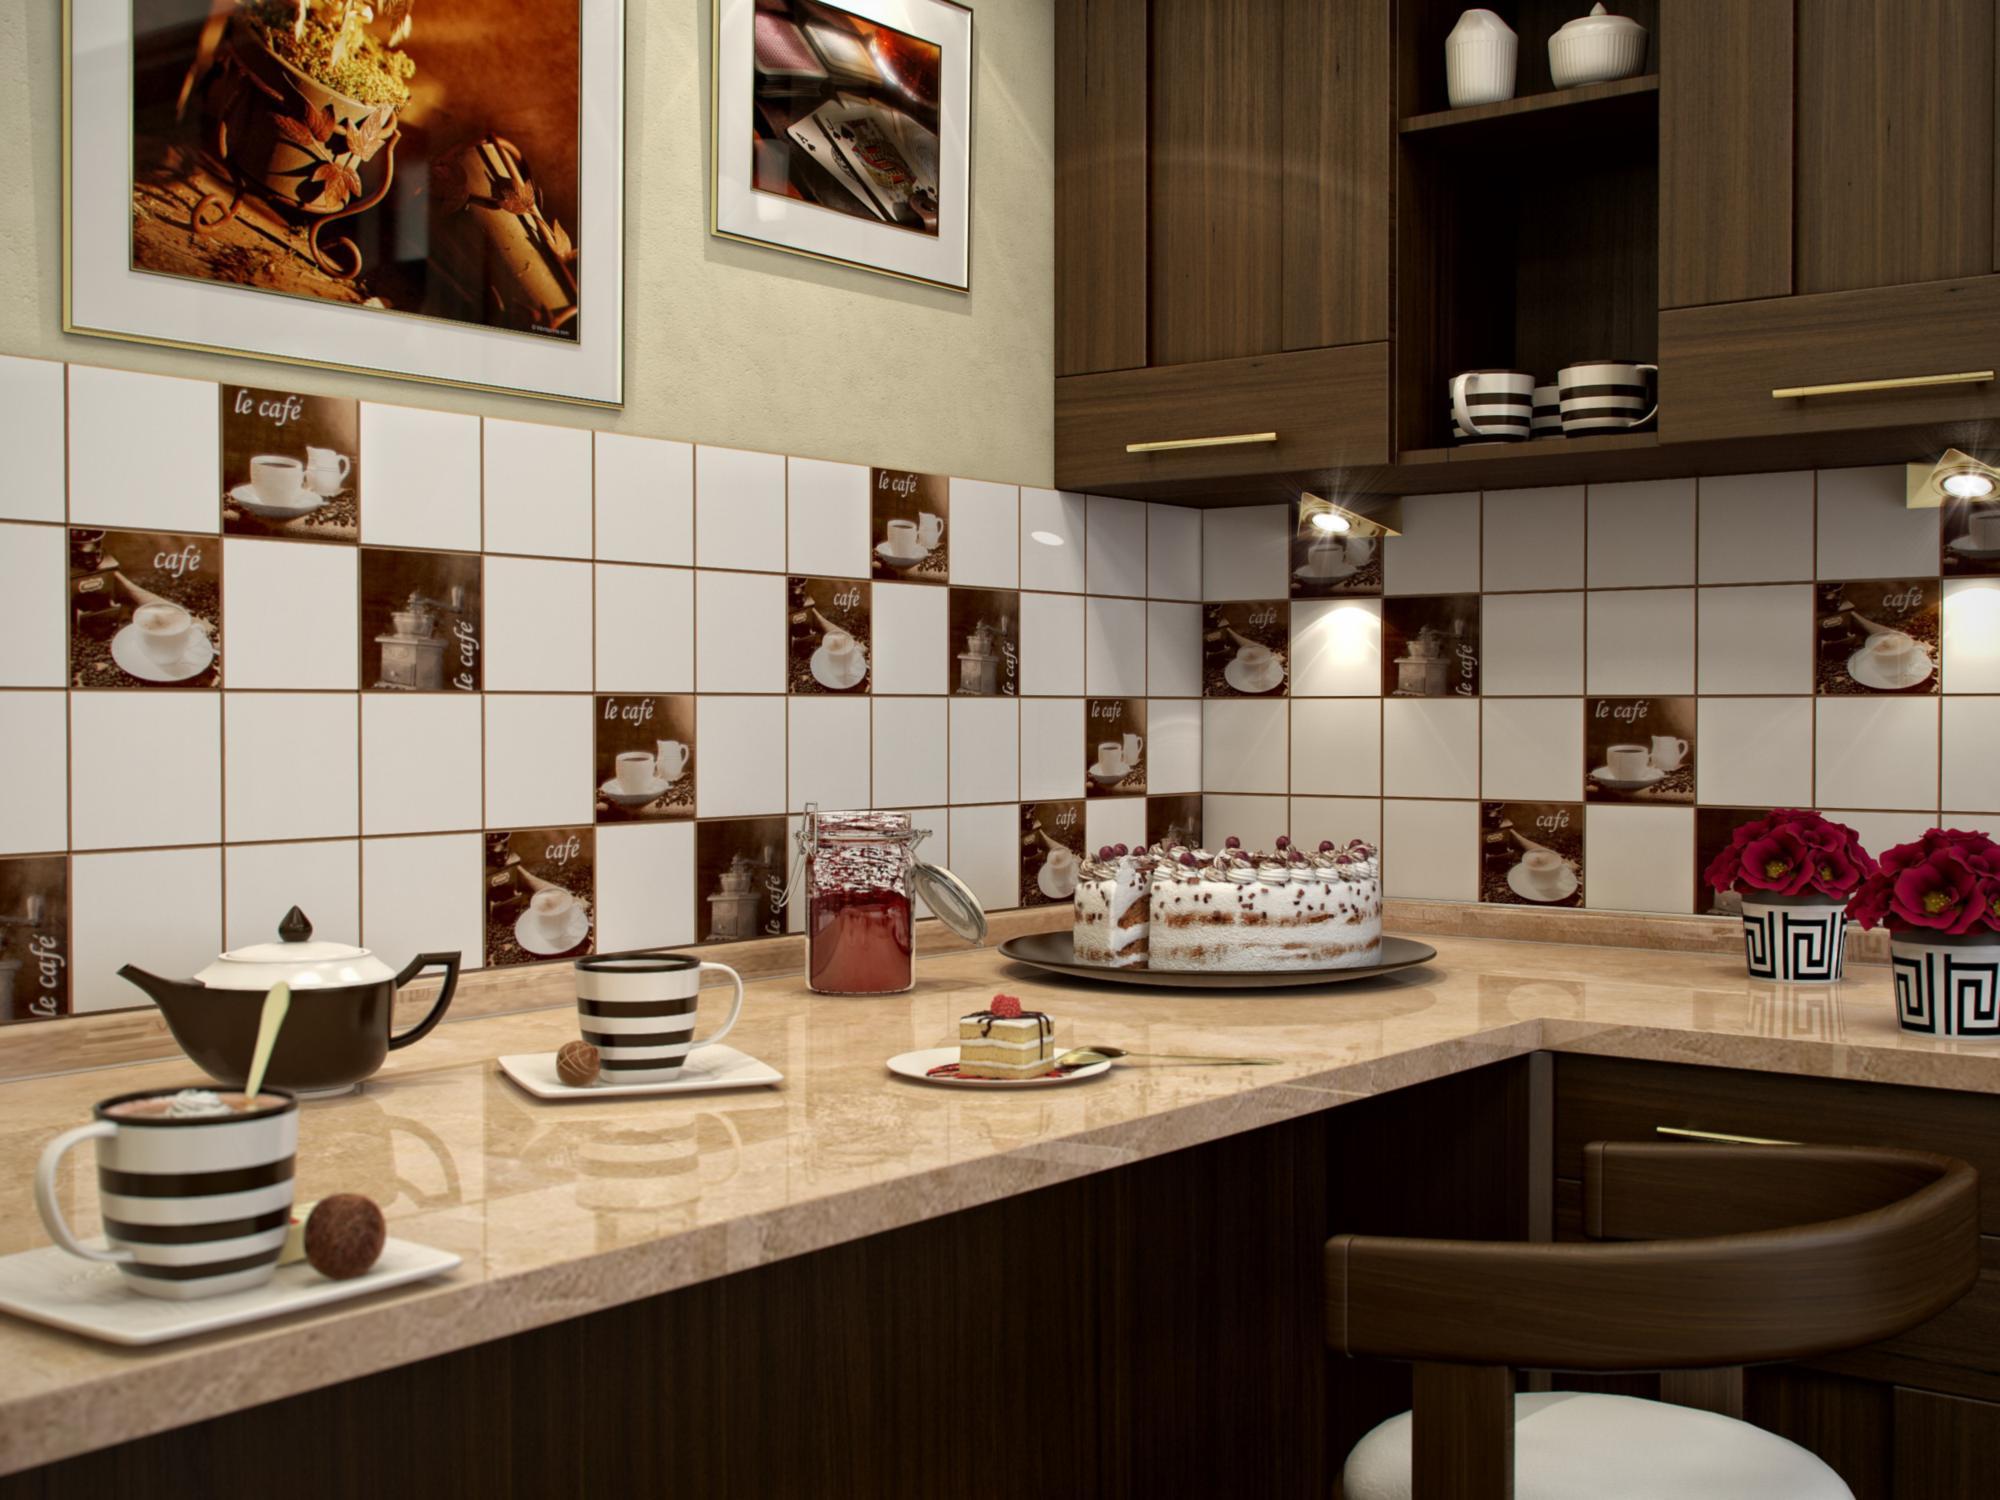 Дизайн кухонной плитки фото